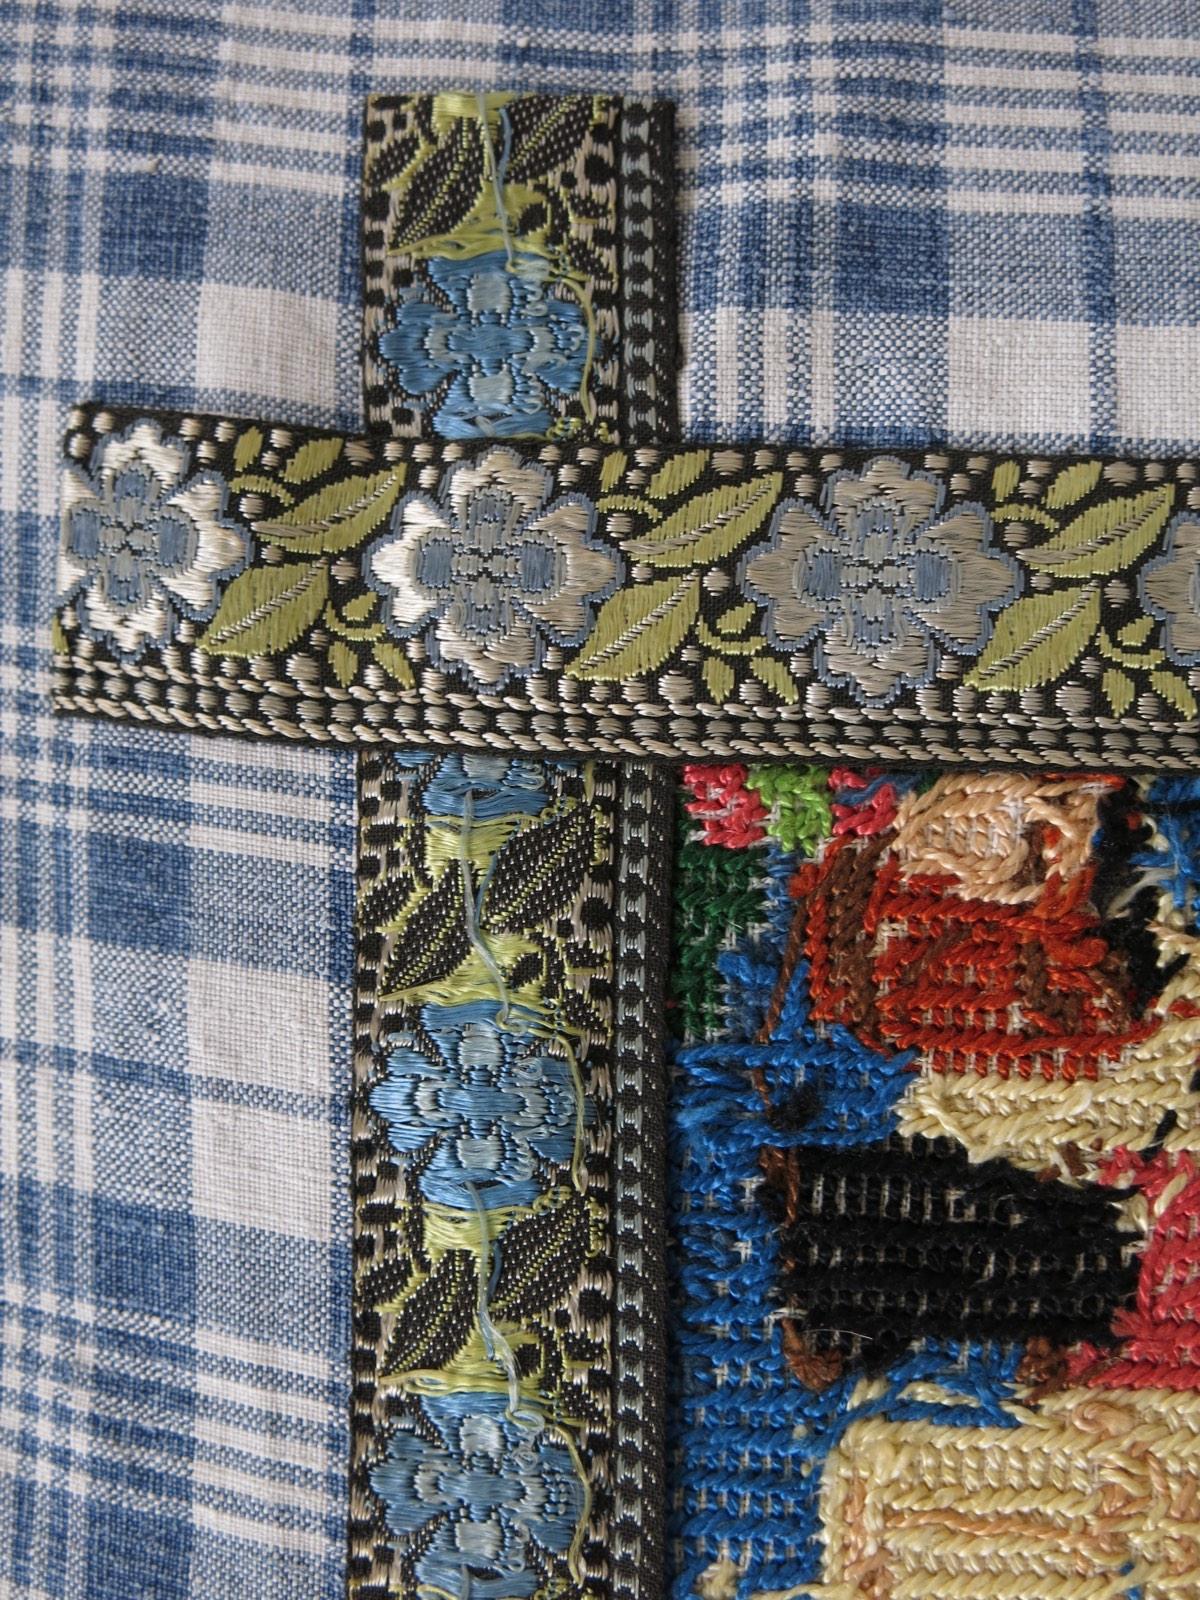 detail: Staphorster bandje voor kraplap, werd gemaakt in Zwitserland